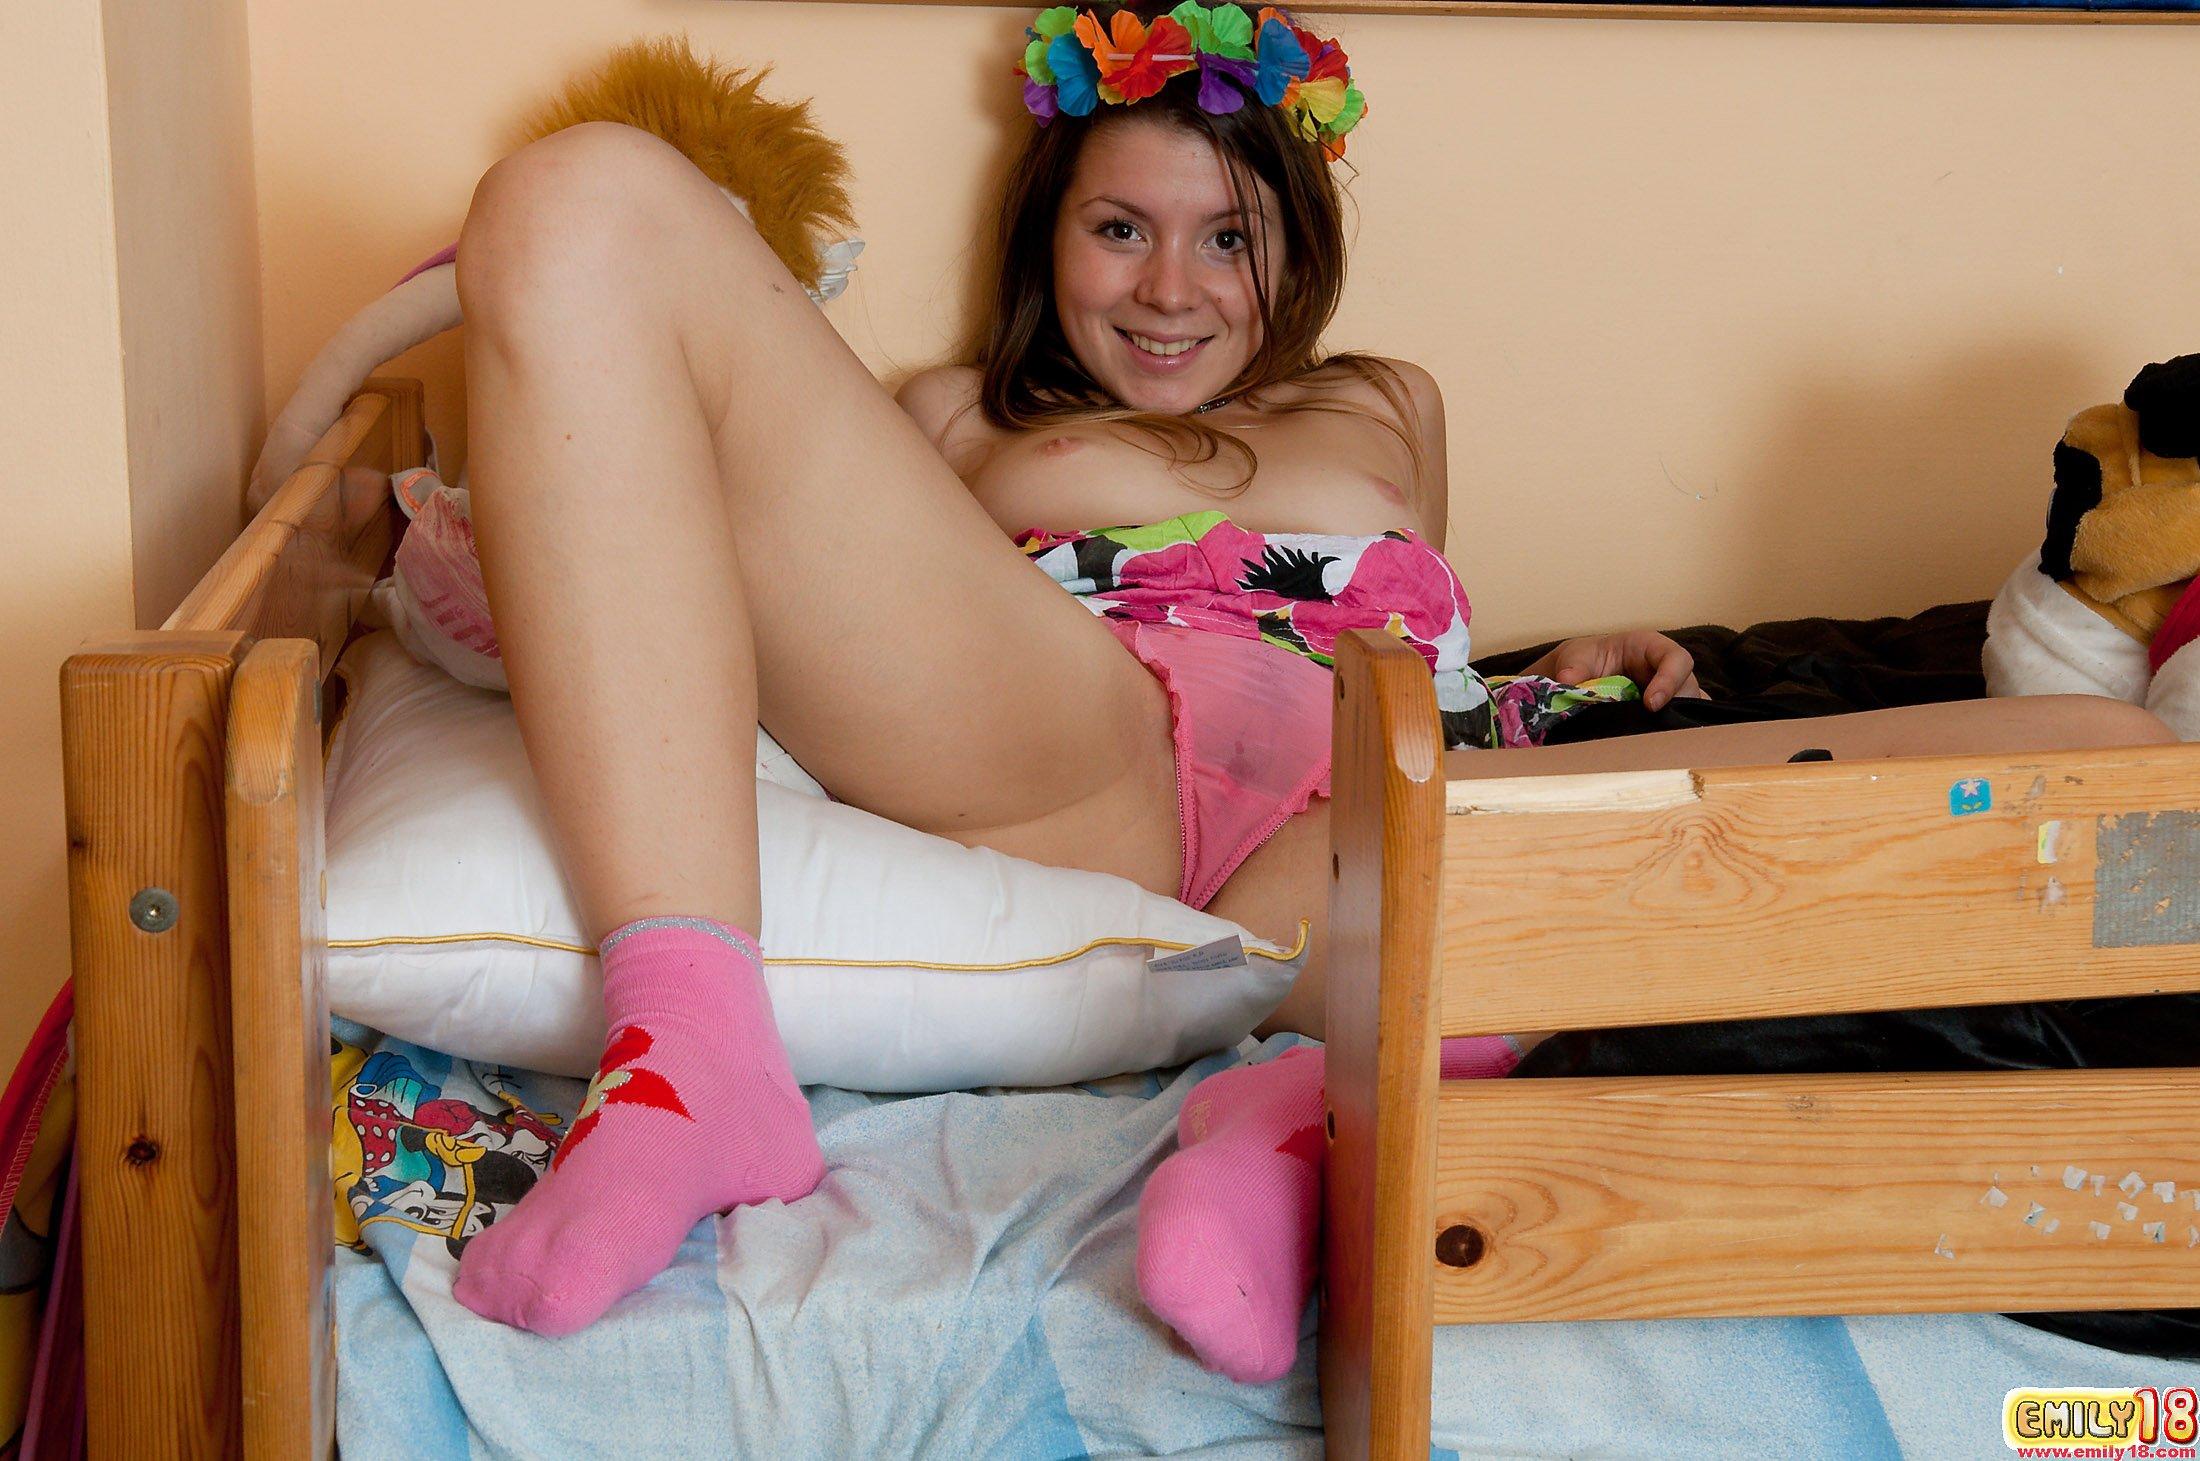 Фото галлереи девушки в мокрых труссиках 17 фотография